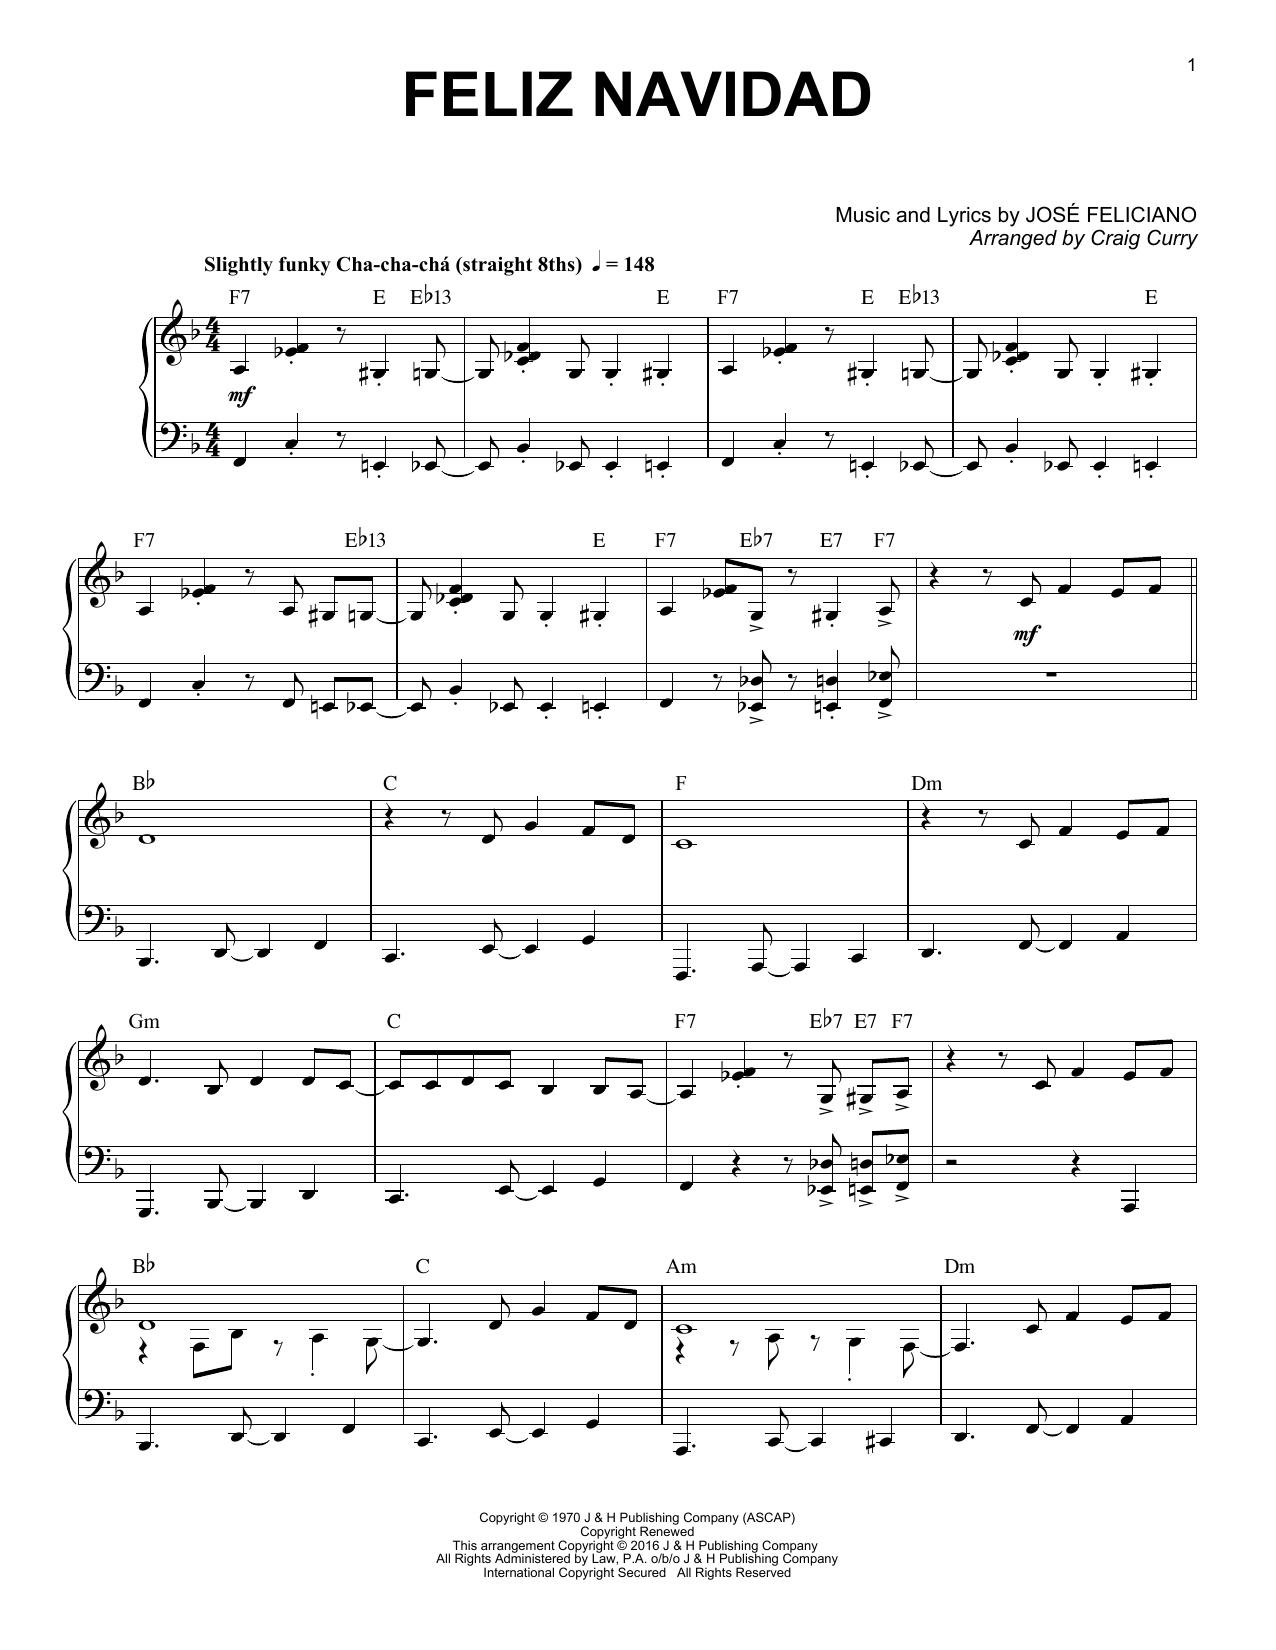 Sheet Music Digital Files To Print Licensed Clay Walker Digital